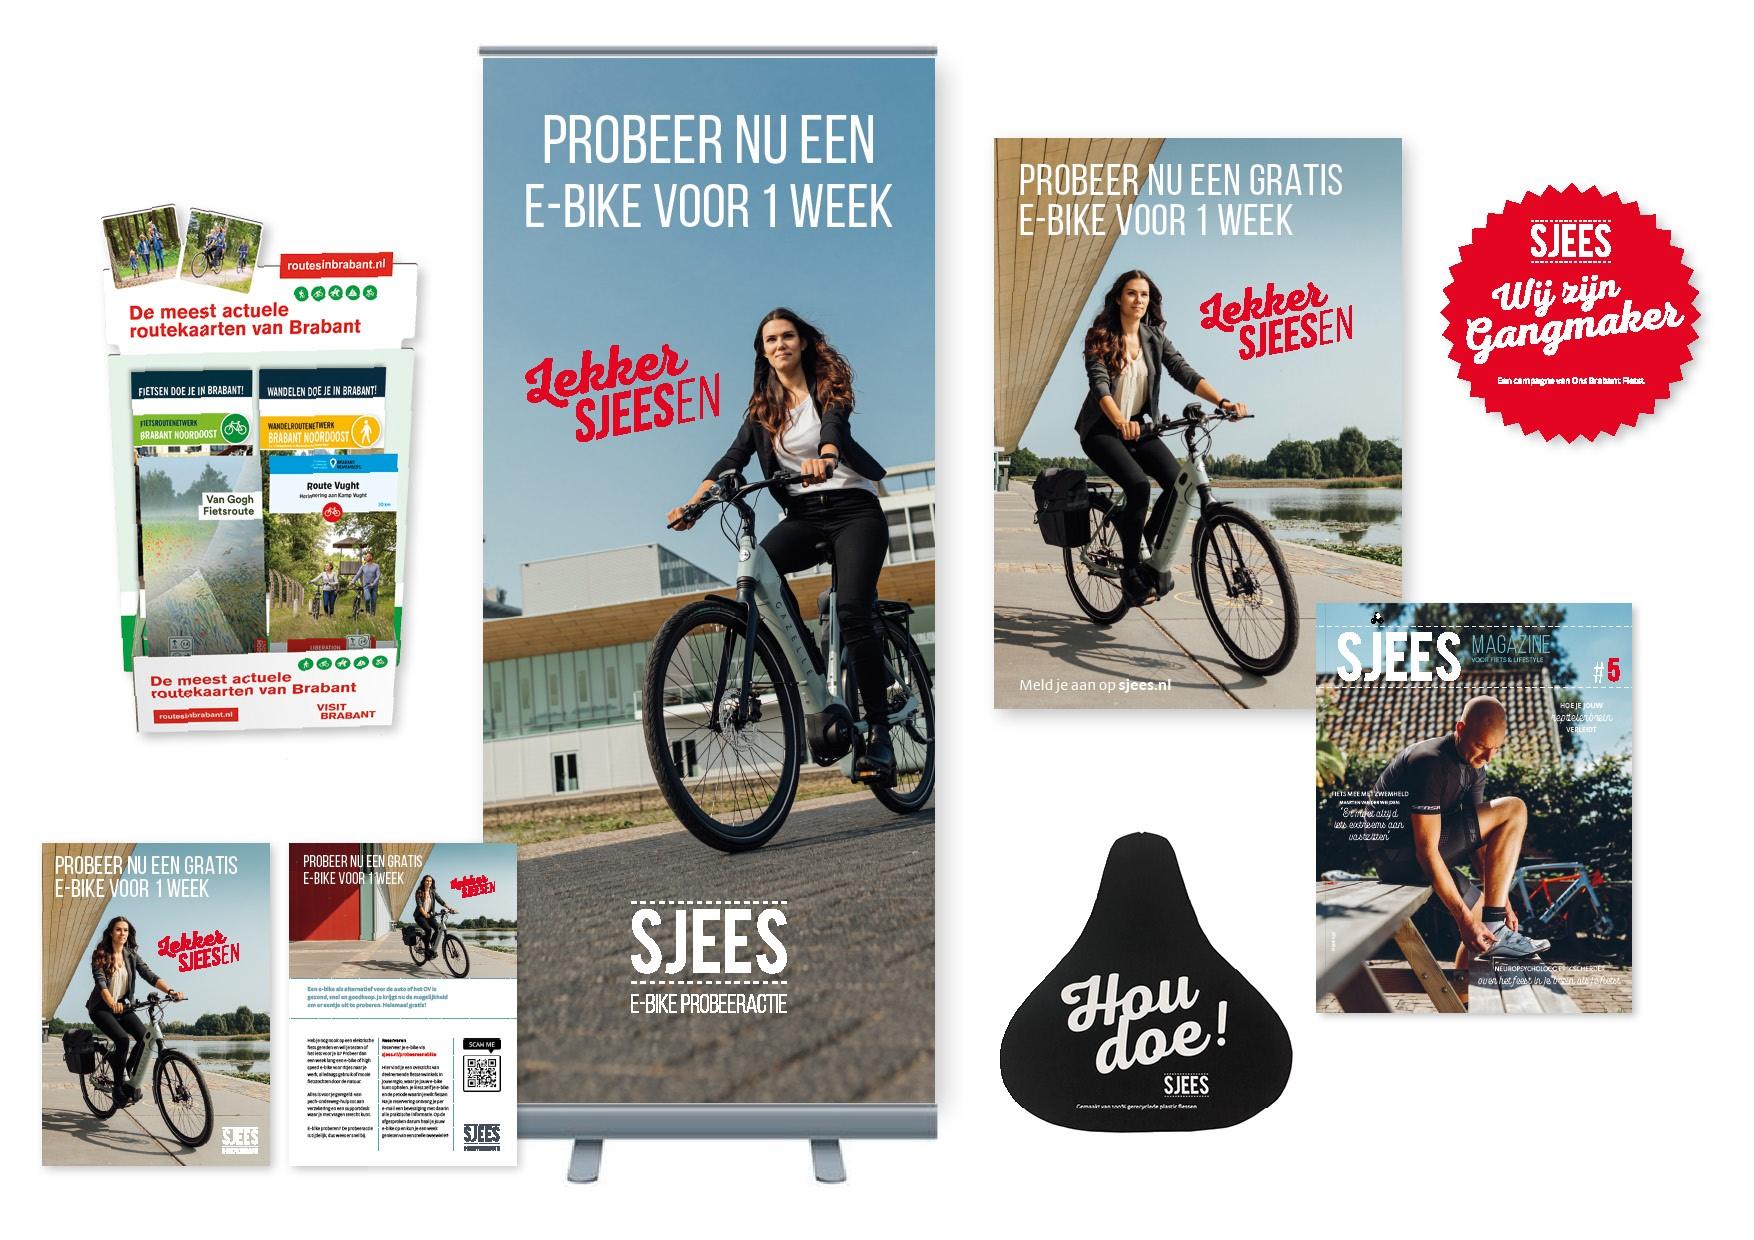 Offline promotiemiddelen e-bike probeeractie